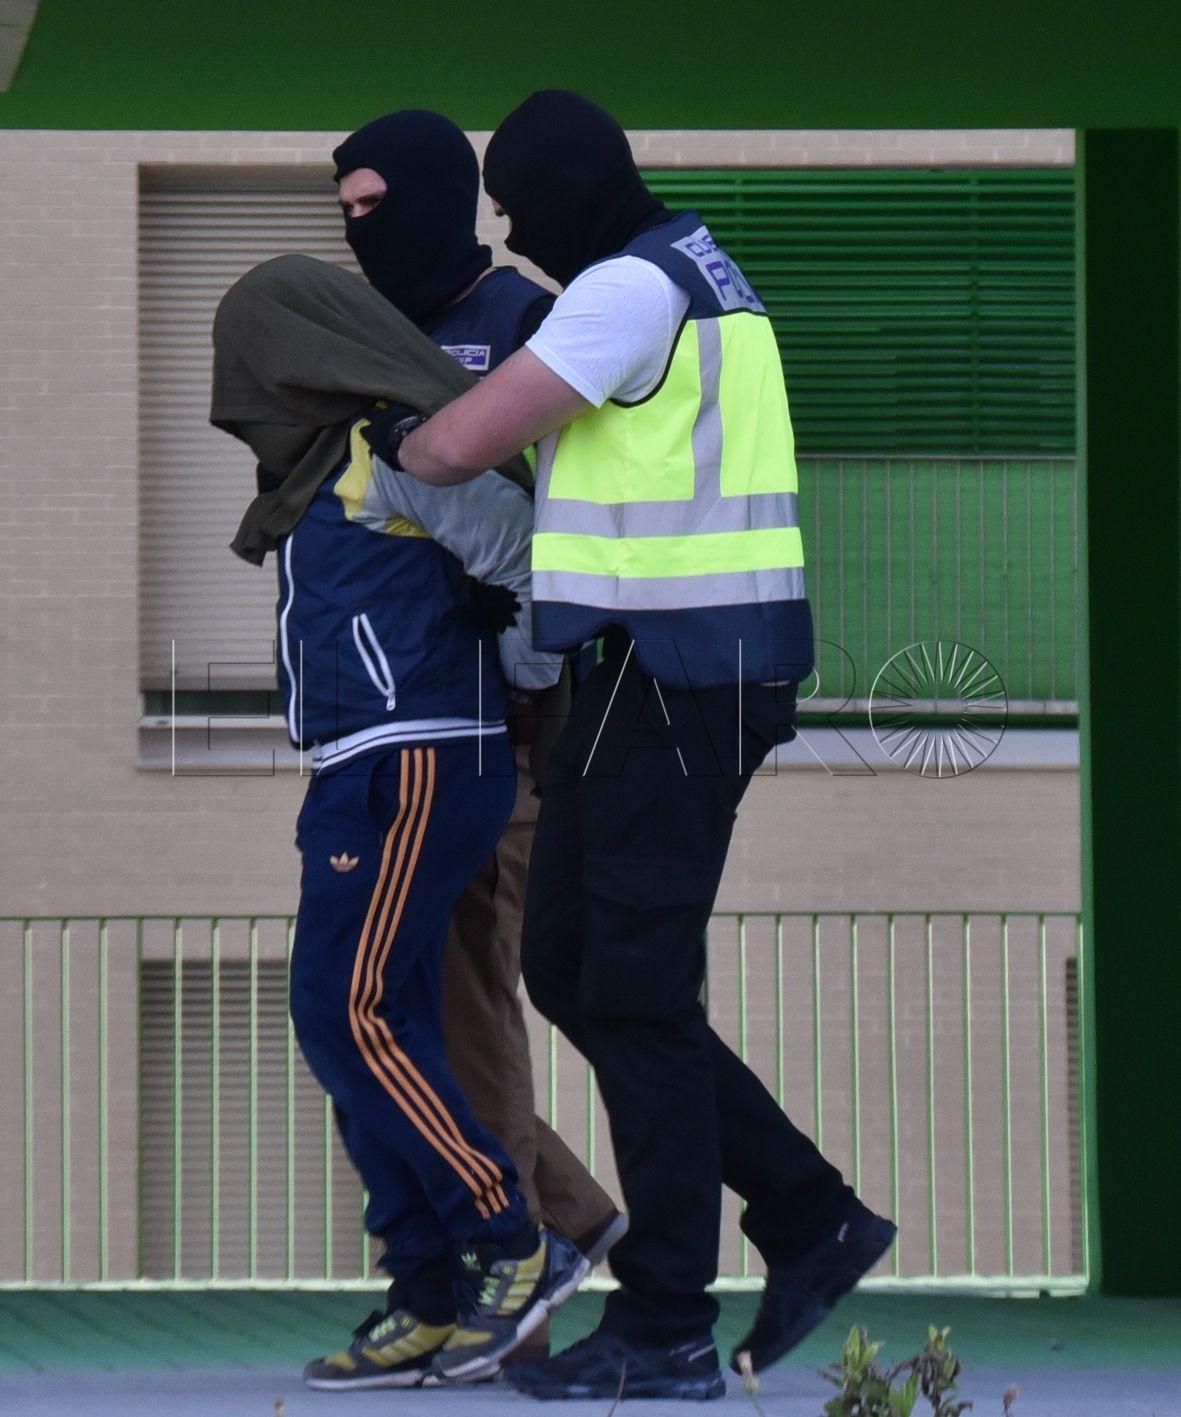 A prisión el ceutí detenido en Loma Colmenar por sus vínculos radicales